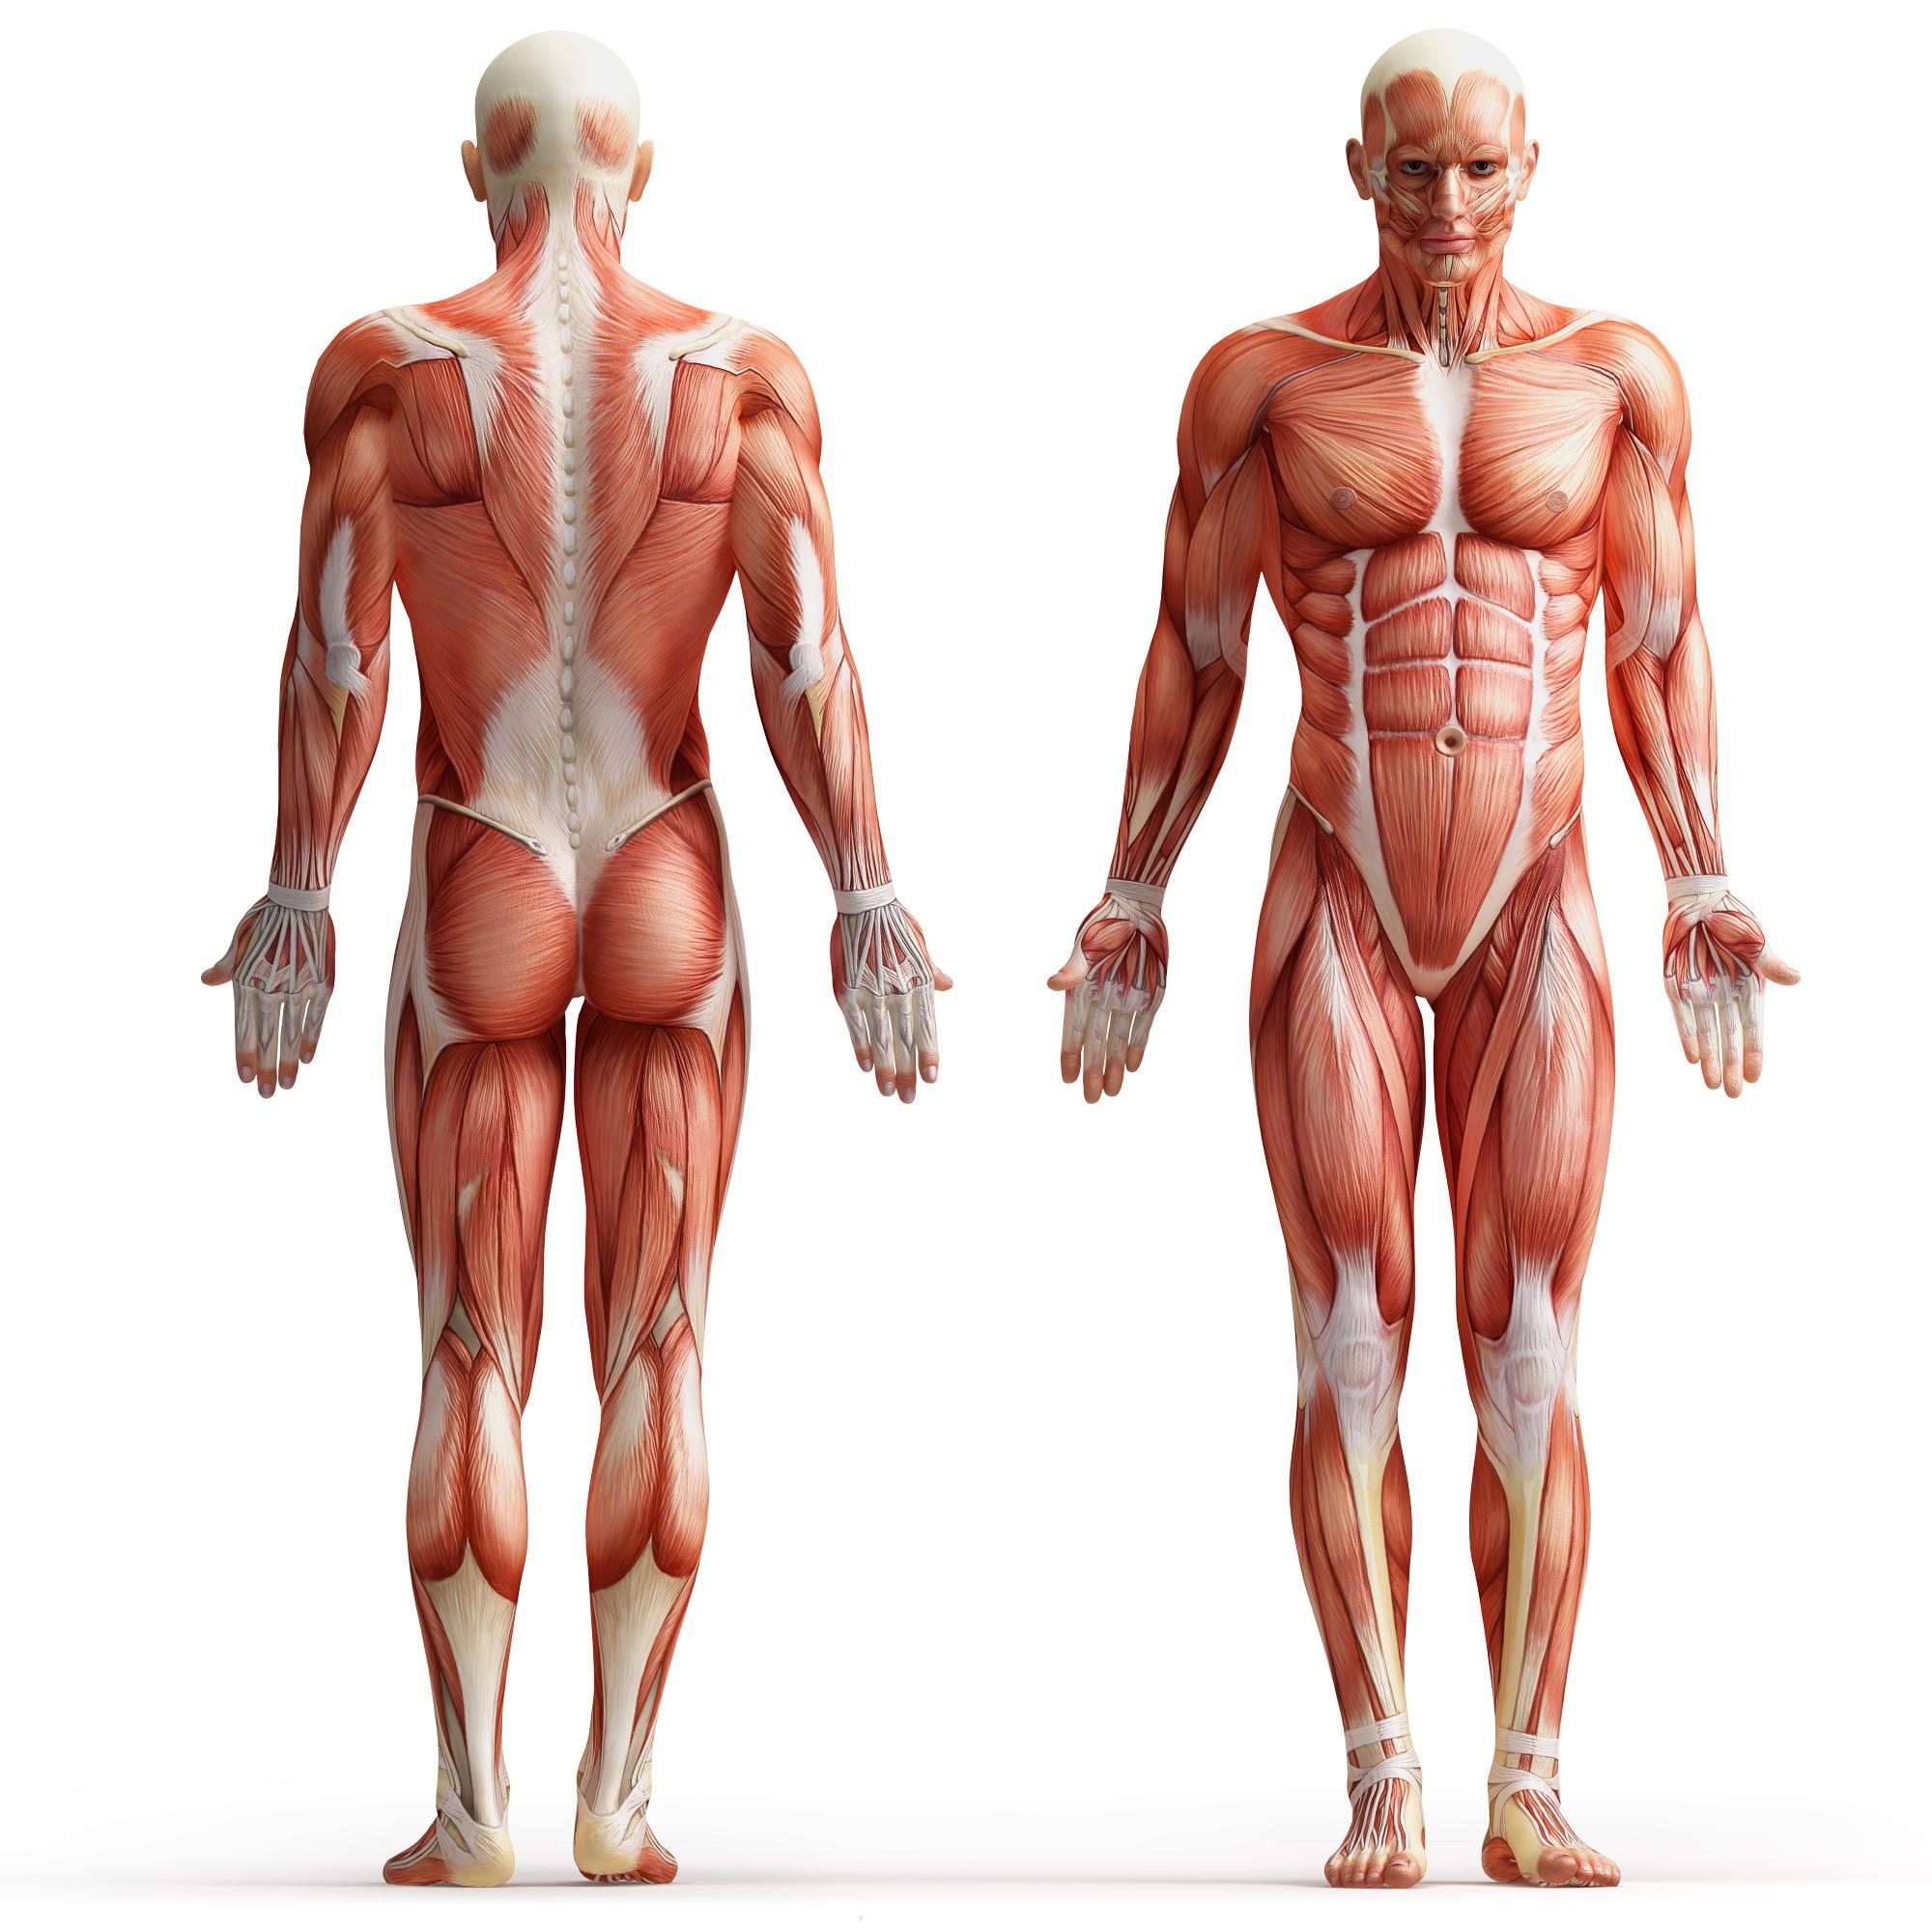 Grundubstanz Bindegewebe und Kollagen umgeben den gesamten Körper.